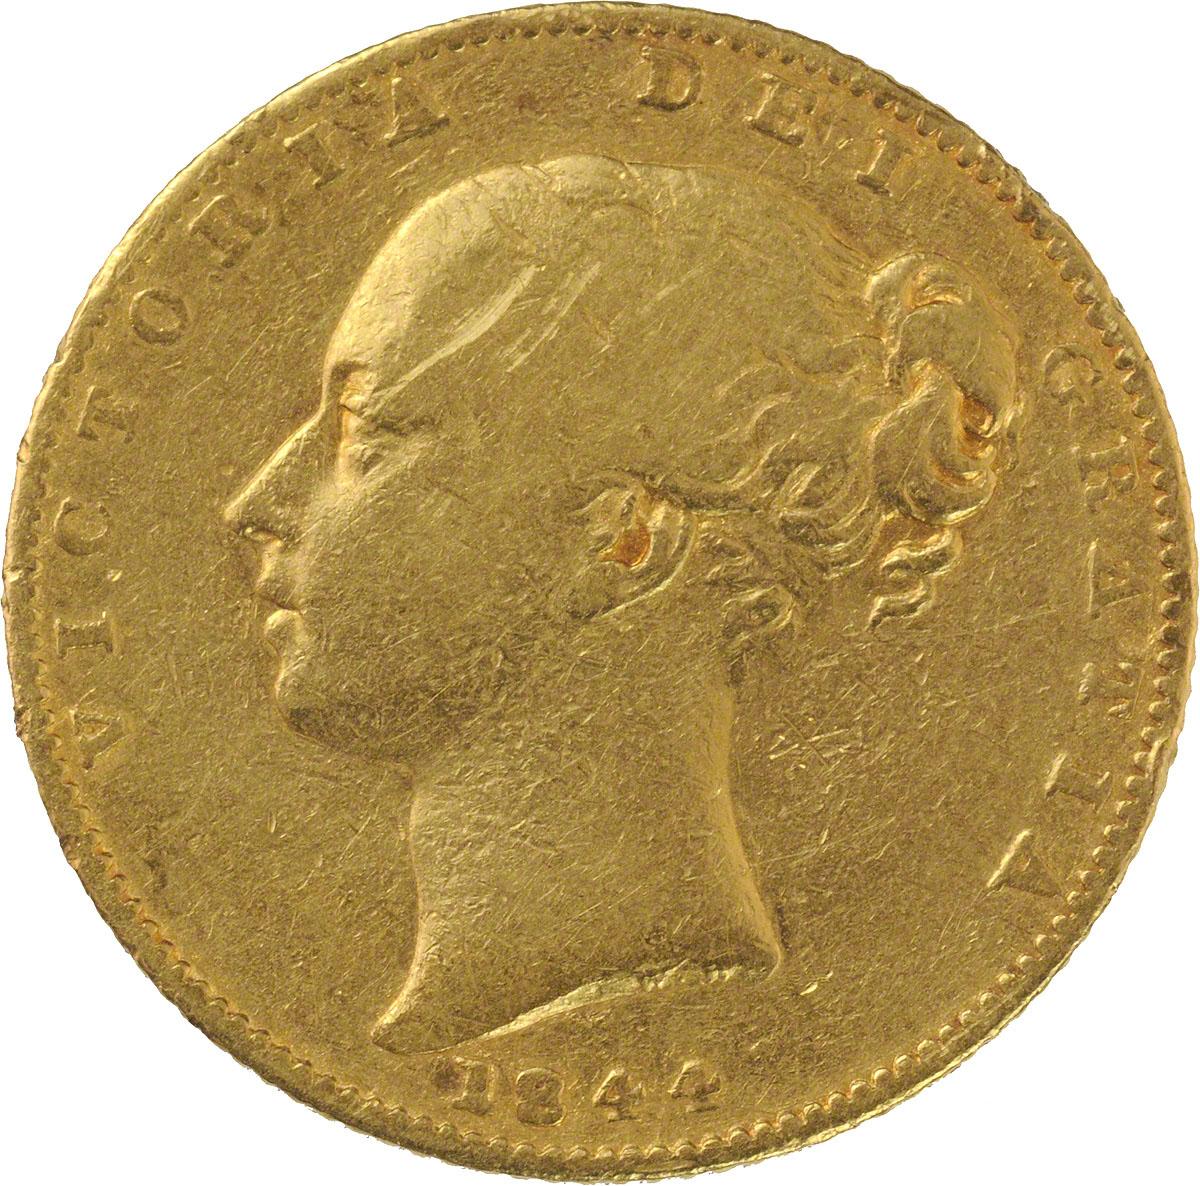 1844 Βικτώρια